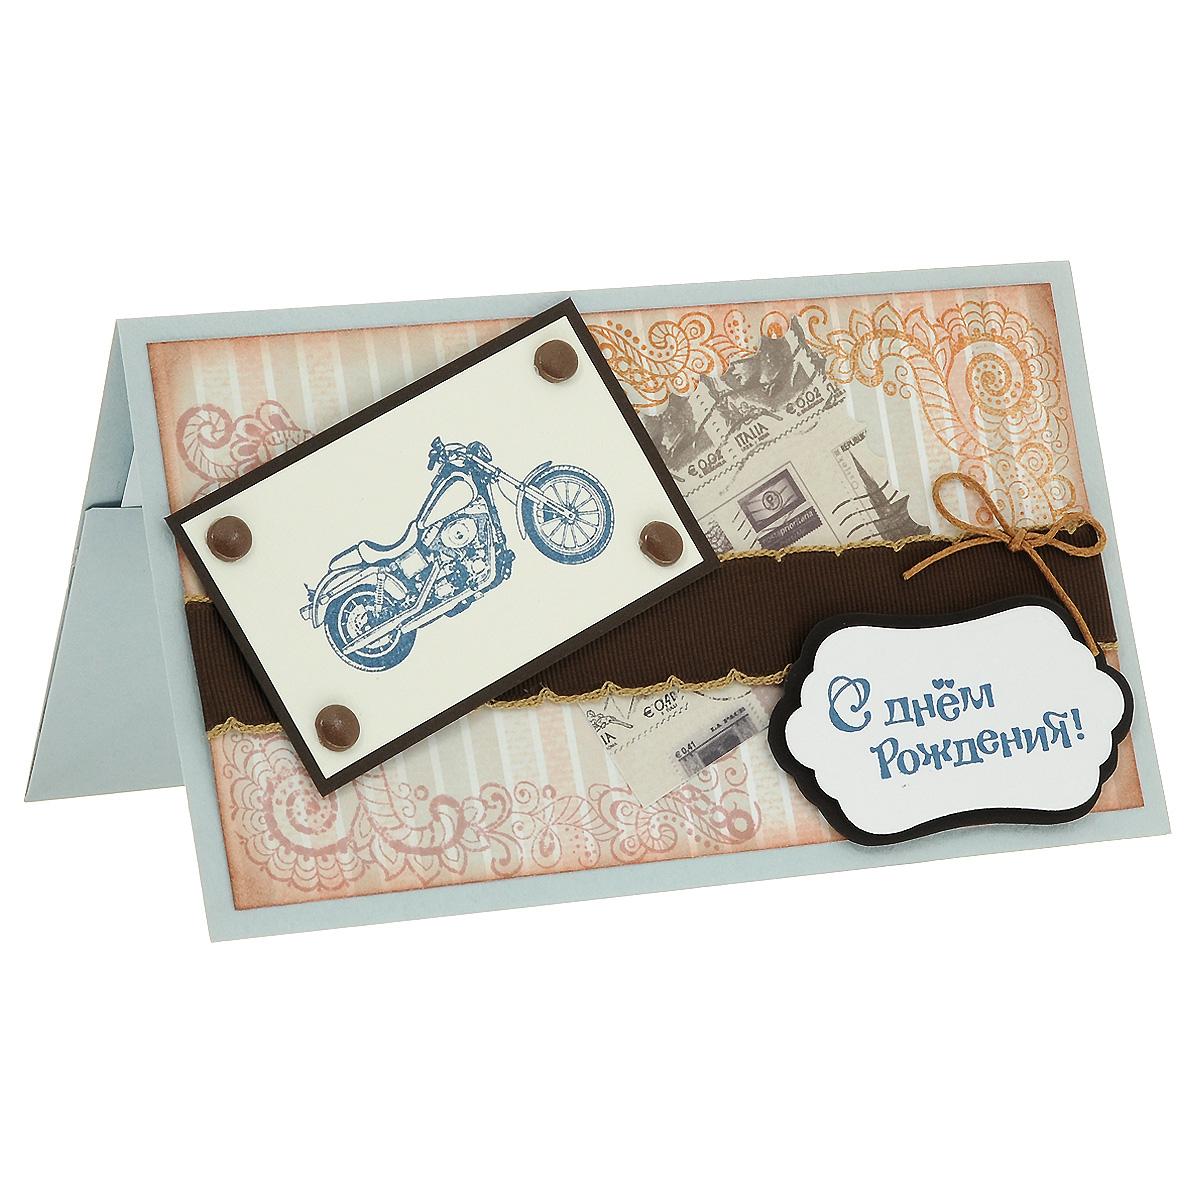 """Студия """"Тётя Роза"""" ОМ-0004 Открытка-конверт «С Днём Рождения!» (байк в коричневых тонах). Студия «Тётя Роза»"""